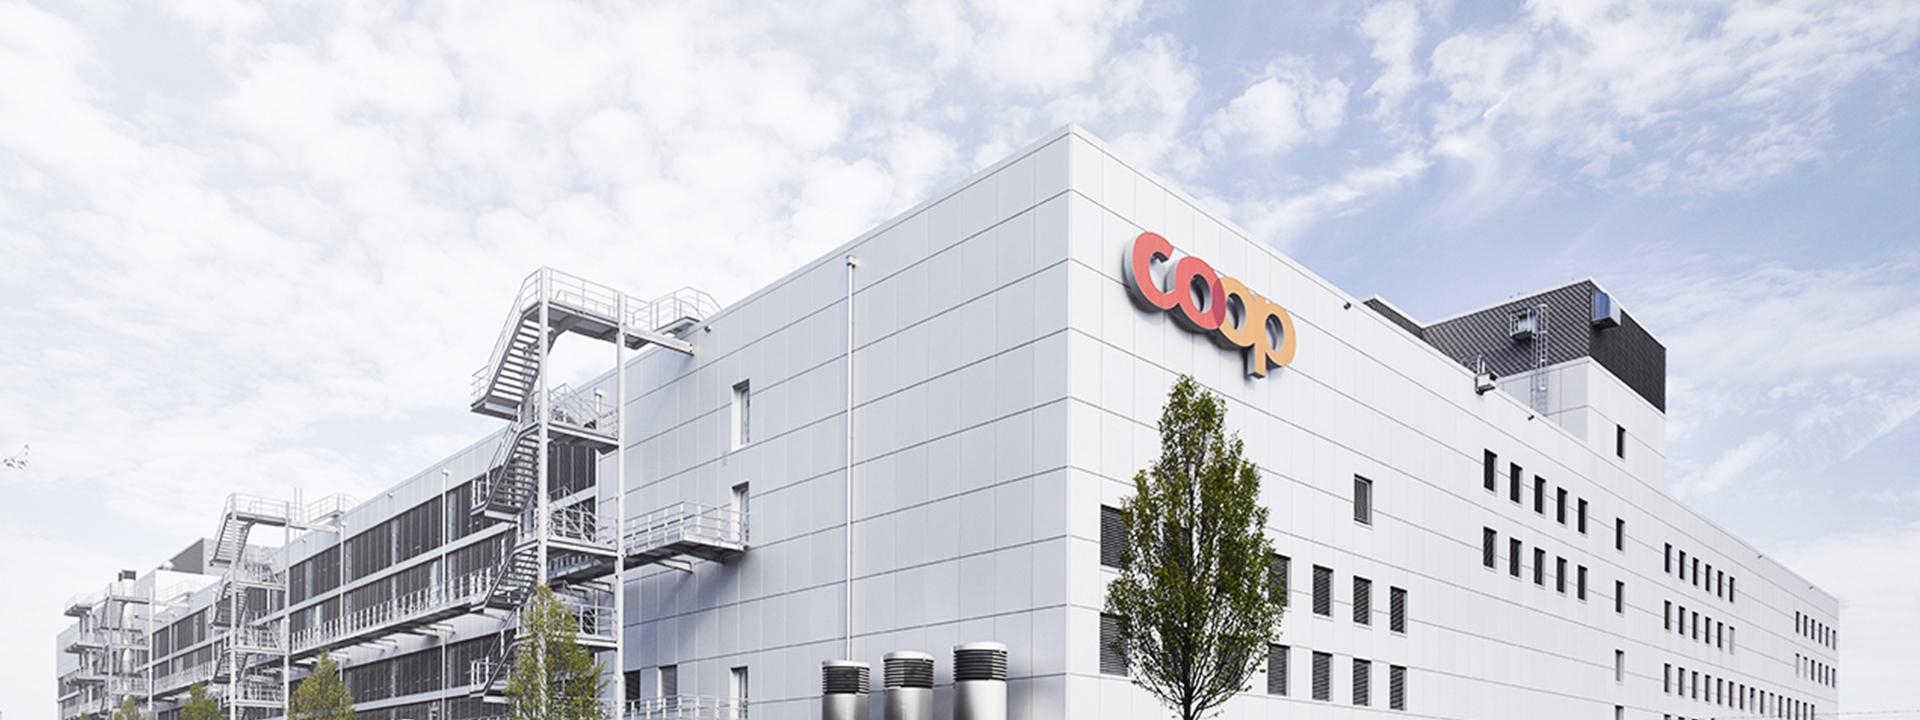 Aussenansicht vom Projekt mit Coop: Integrierte Grossbäckerei mit vertikalem Raumkonzept